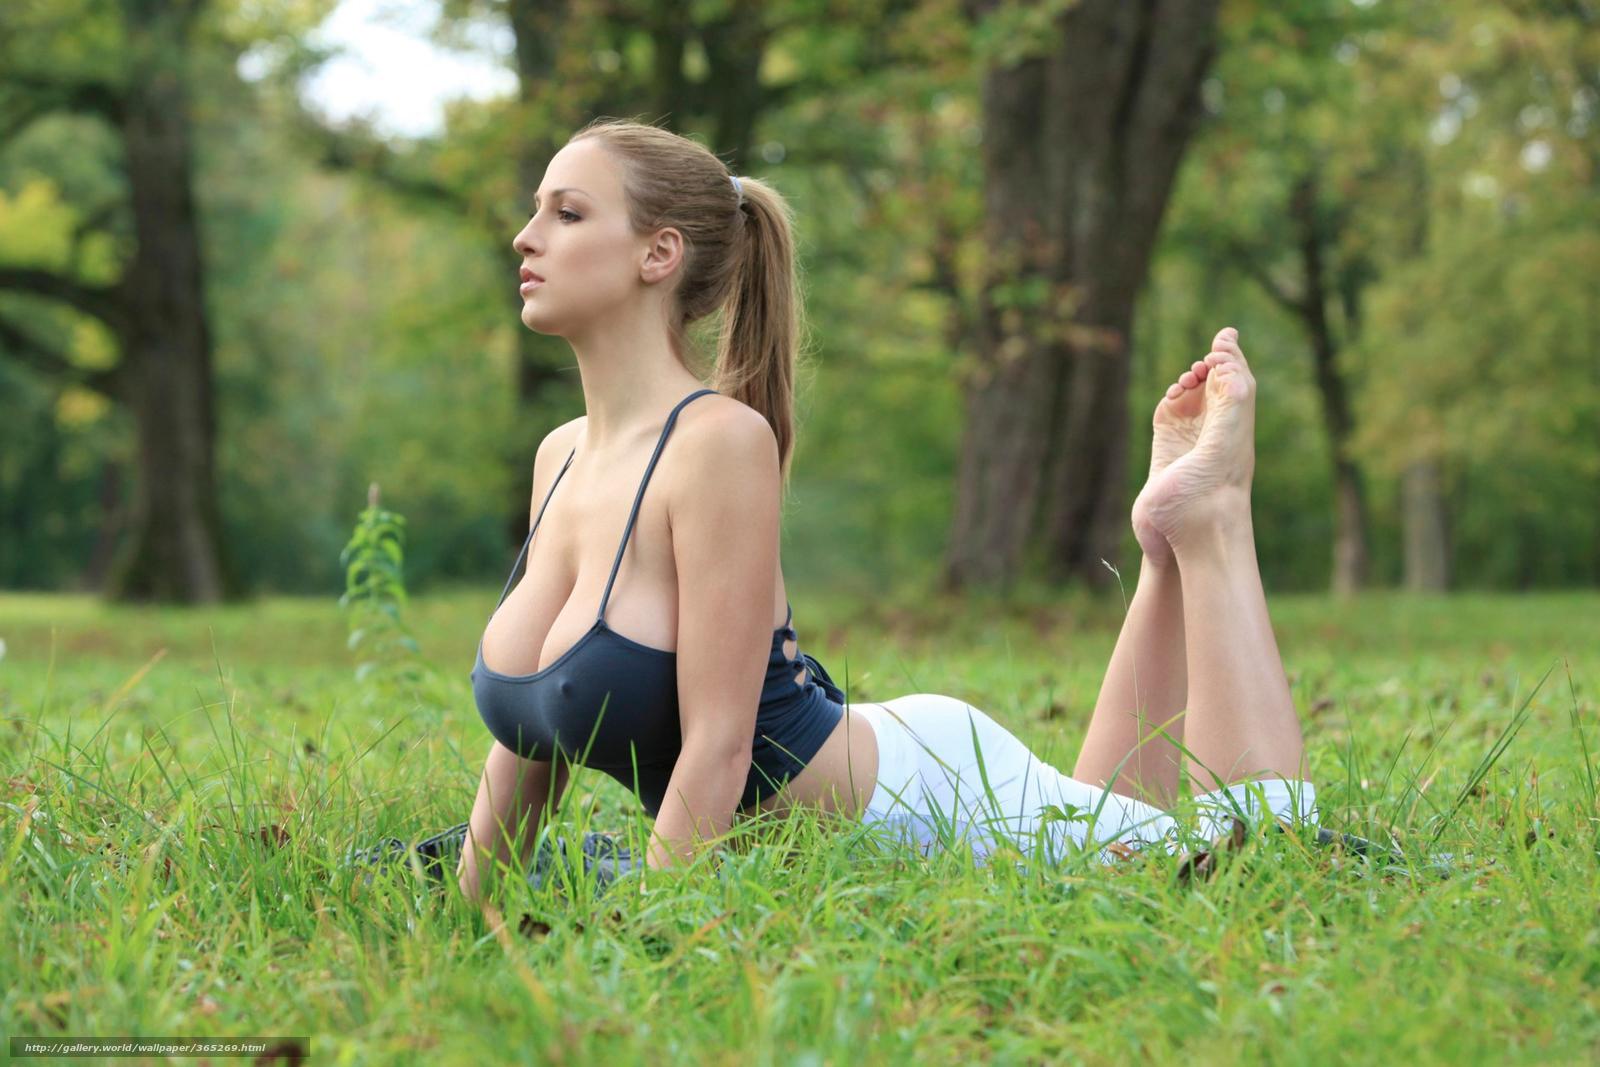 Частное домашнее порно фото девочек на пикнике 9 фотография